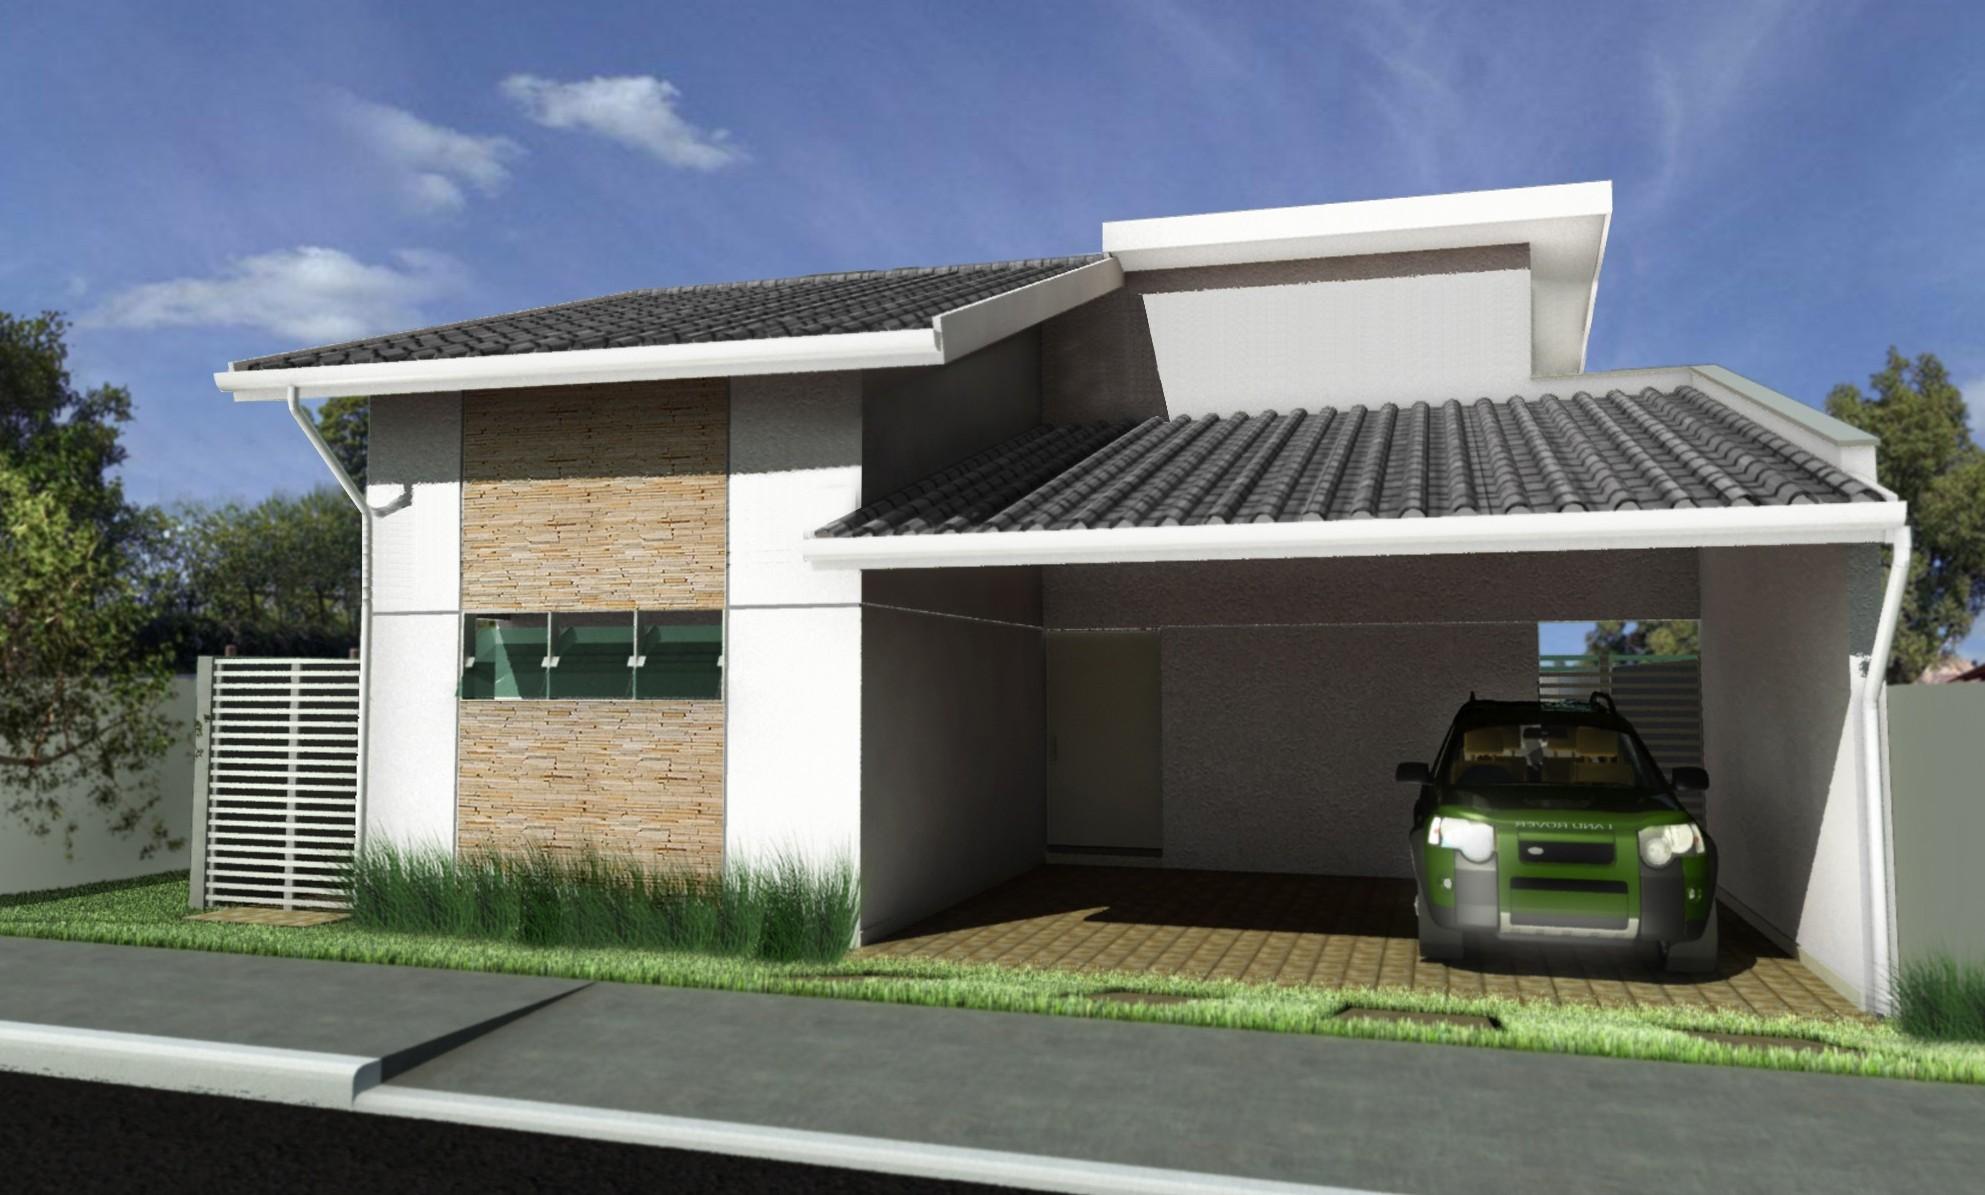 Fotos de fachadas de casas simples pequenas e baratas for Fachadas para residencias